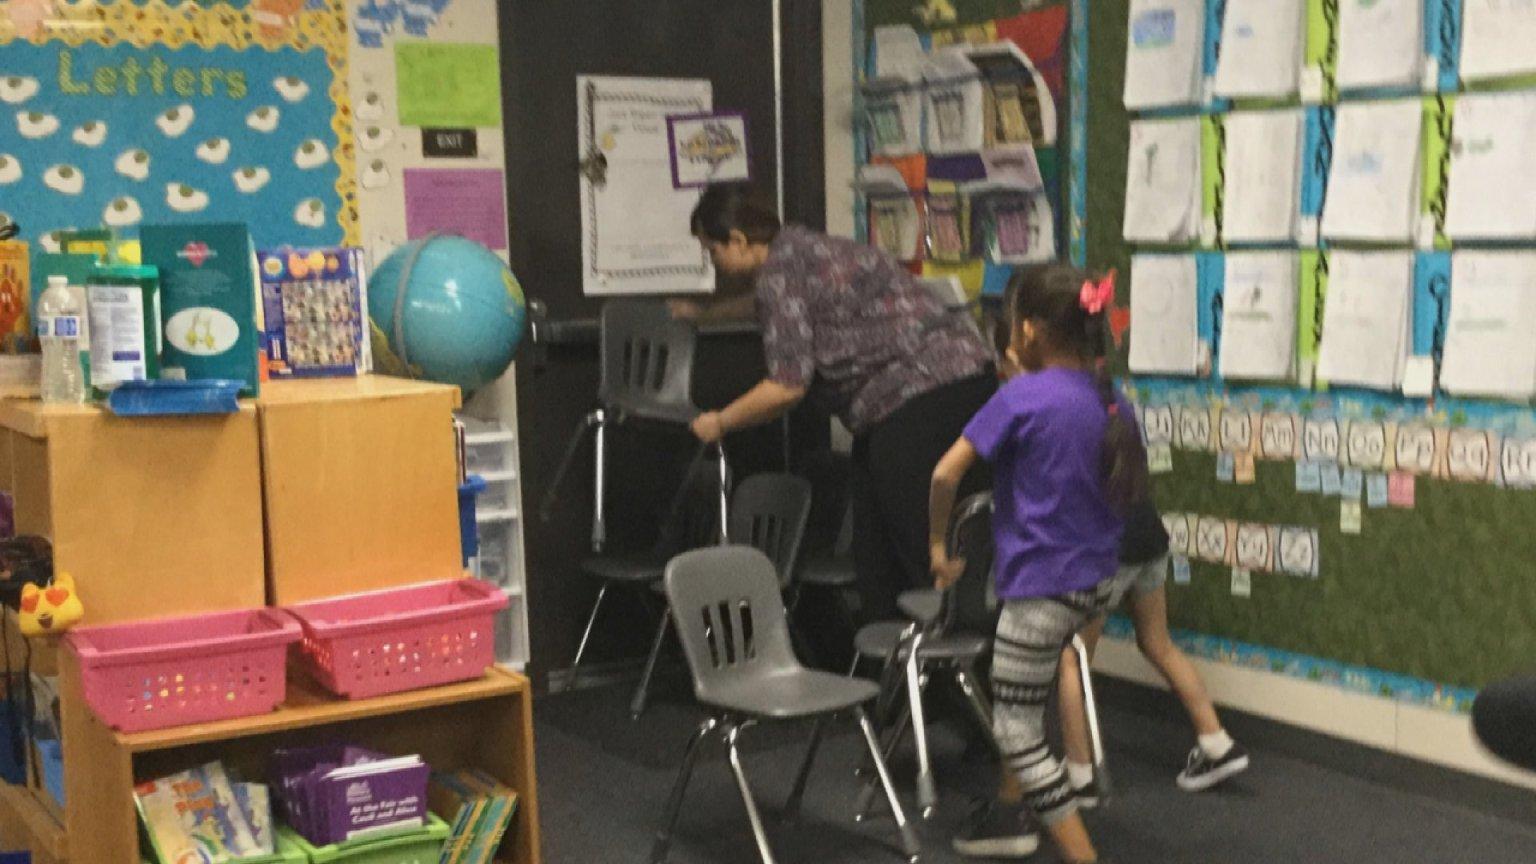 Local School Districts Prepare Students for Violent Intruder Scenarios